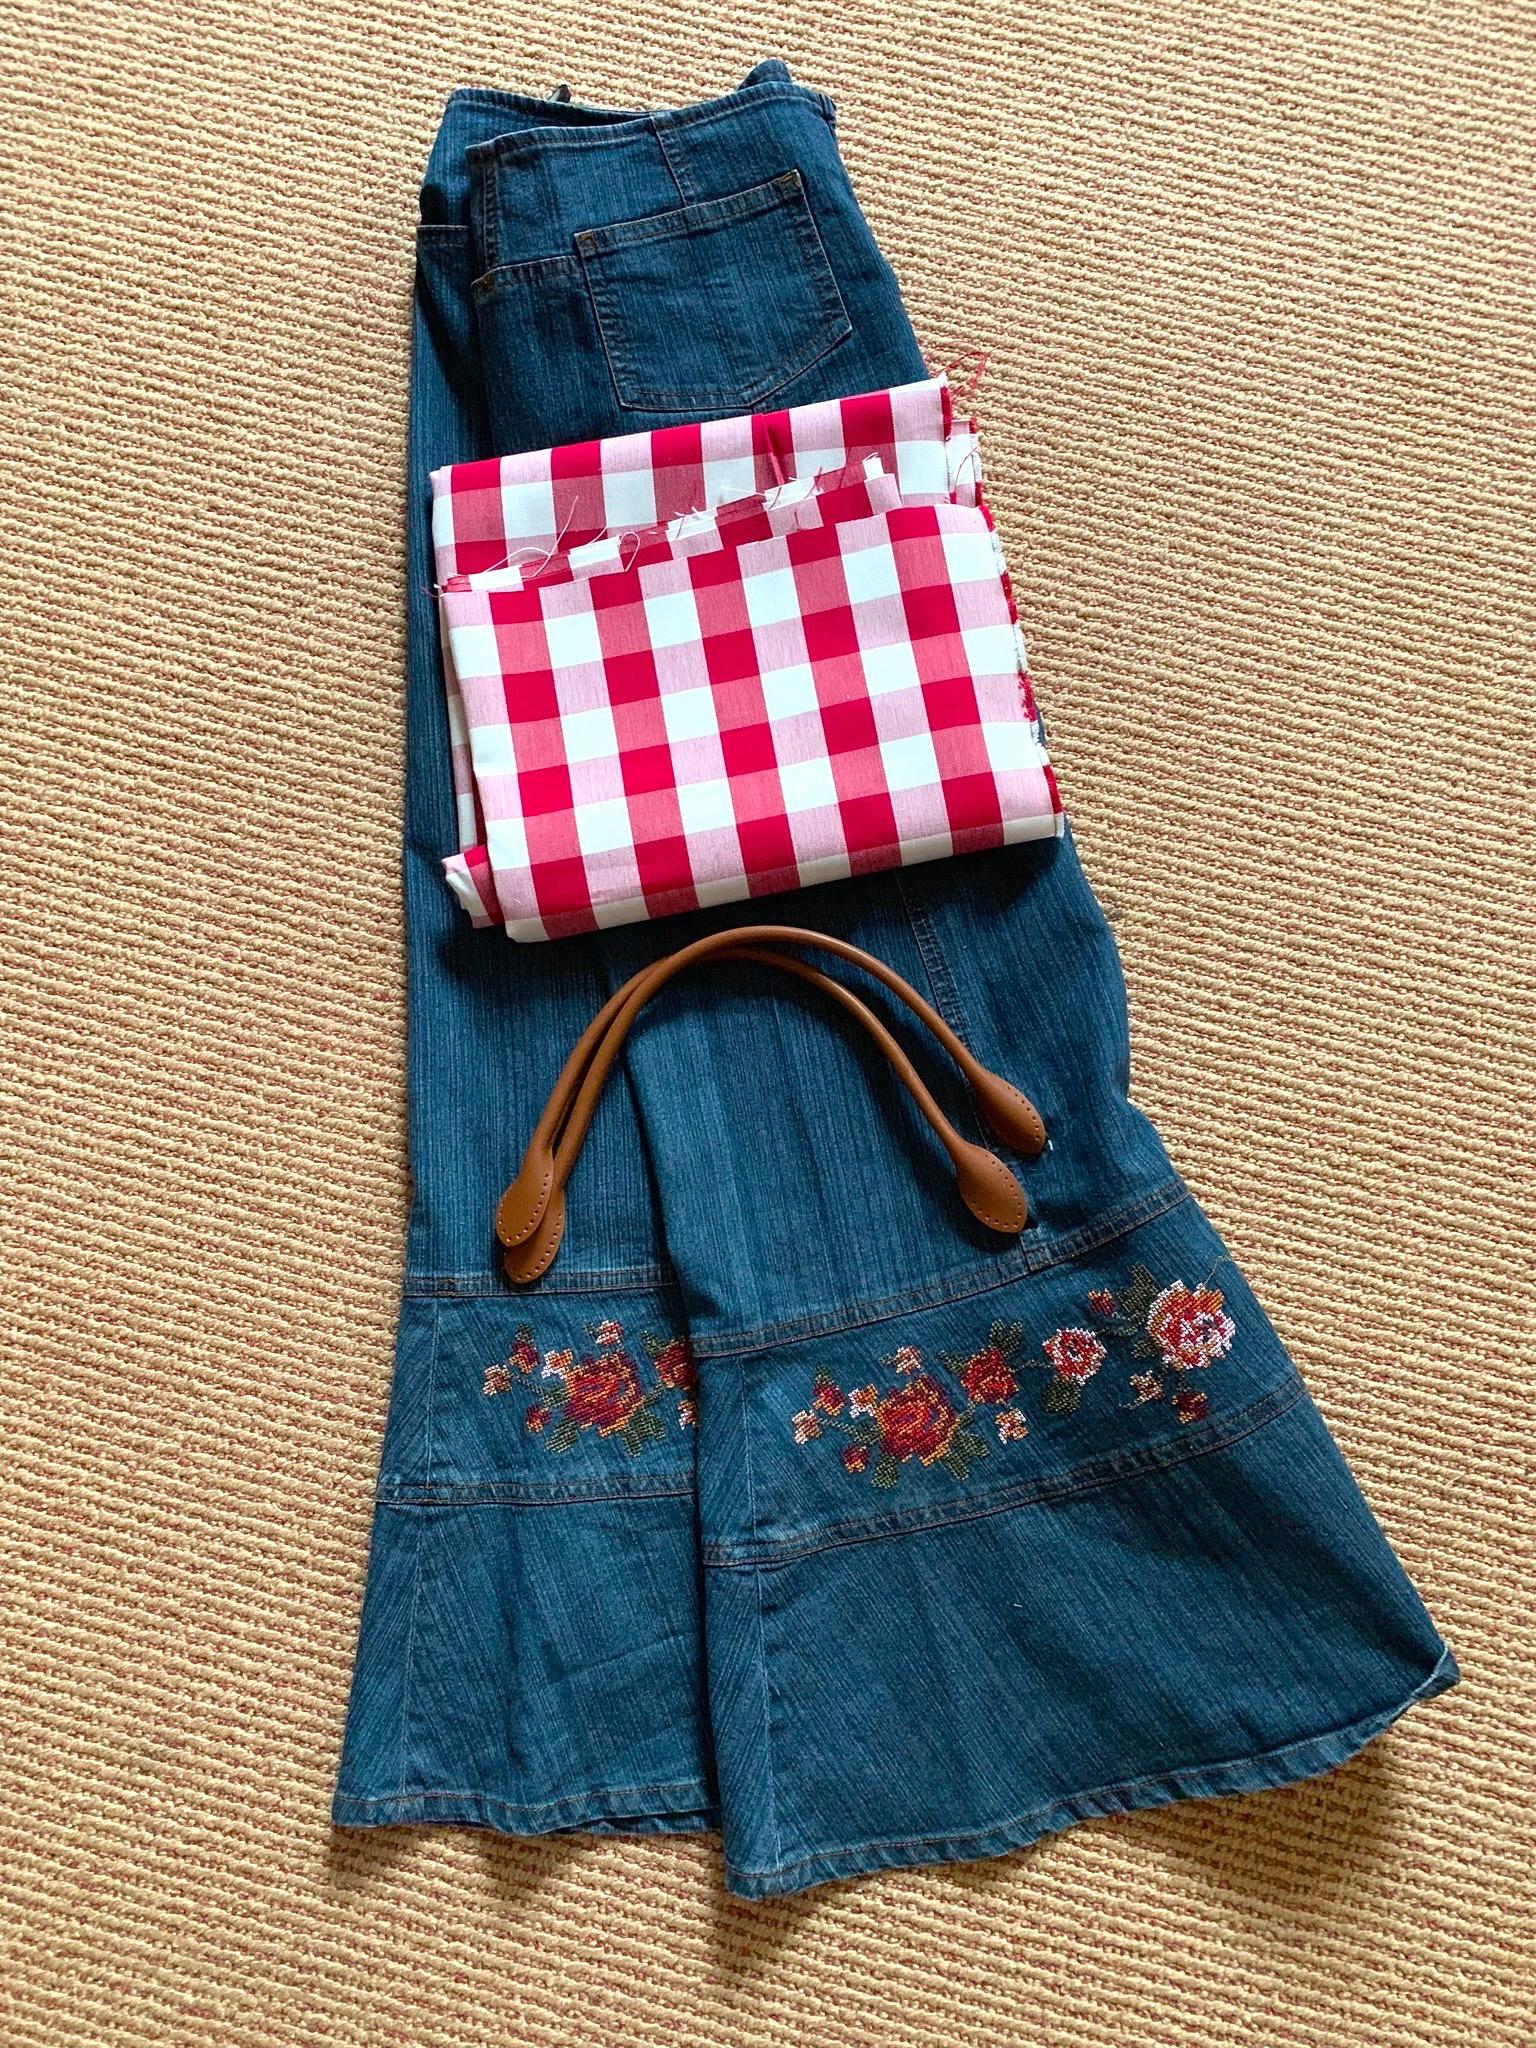 Upcycled bag 2.jpg